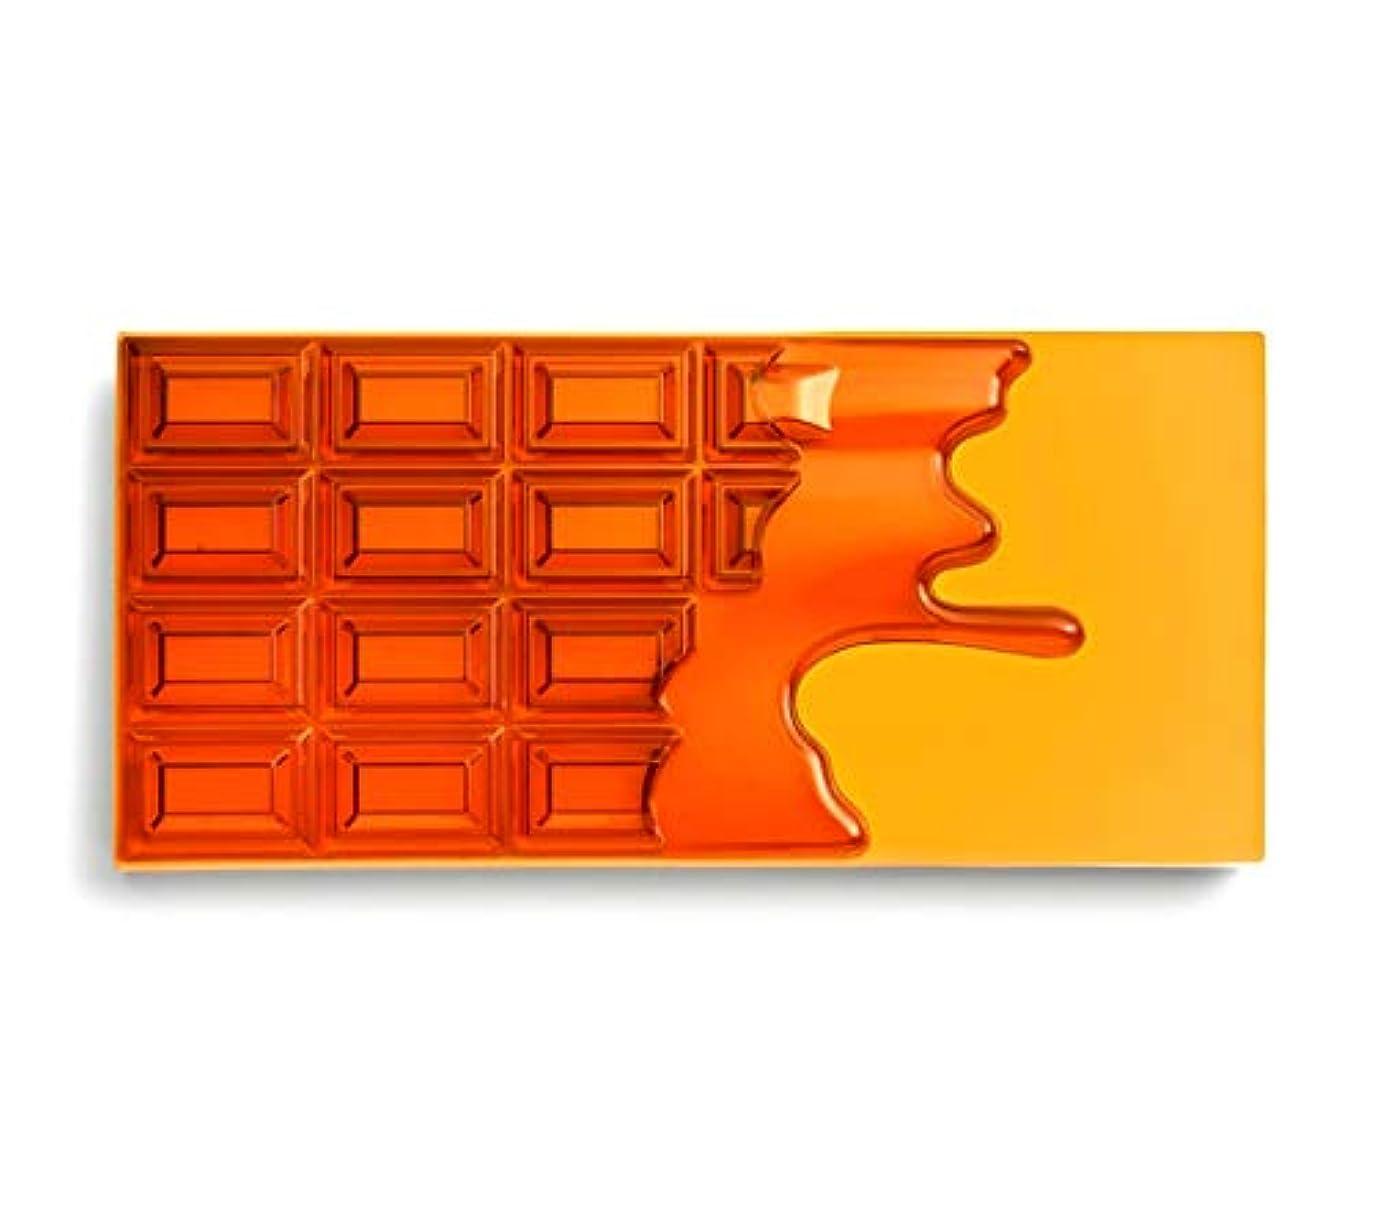 それにもかかわらず現金に沿ってメイクアップレボリューション アイラブメイクアップ チョコレート型18色アイシャドウパレット #Honey Chocolate ハニーチョコレートパレット アイシャドウ